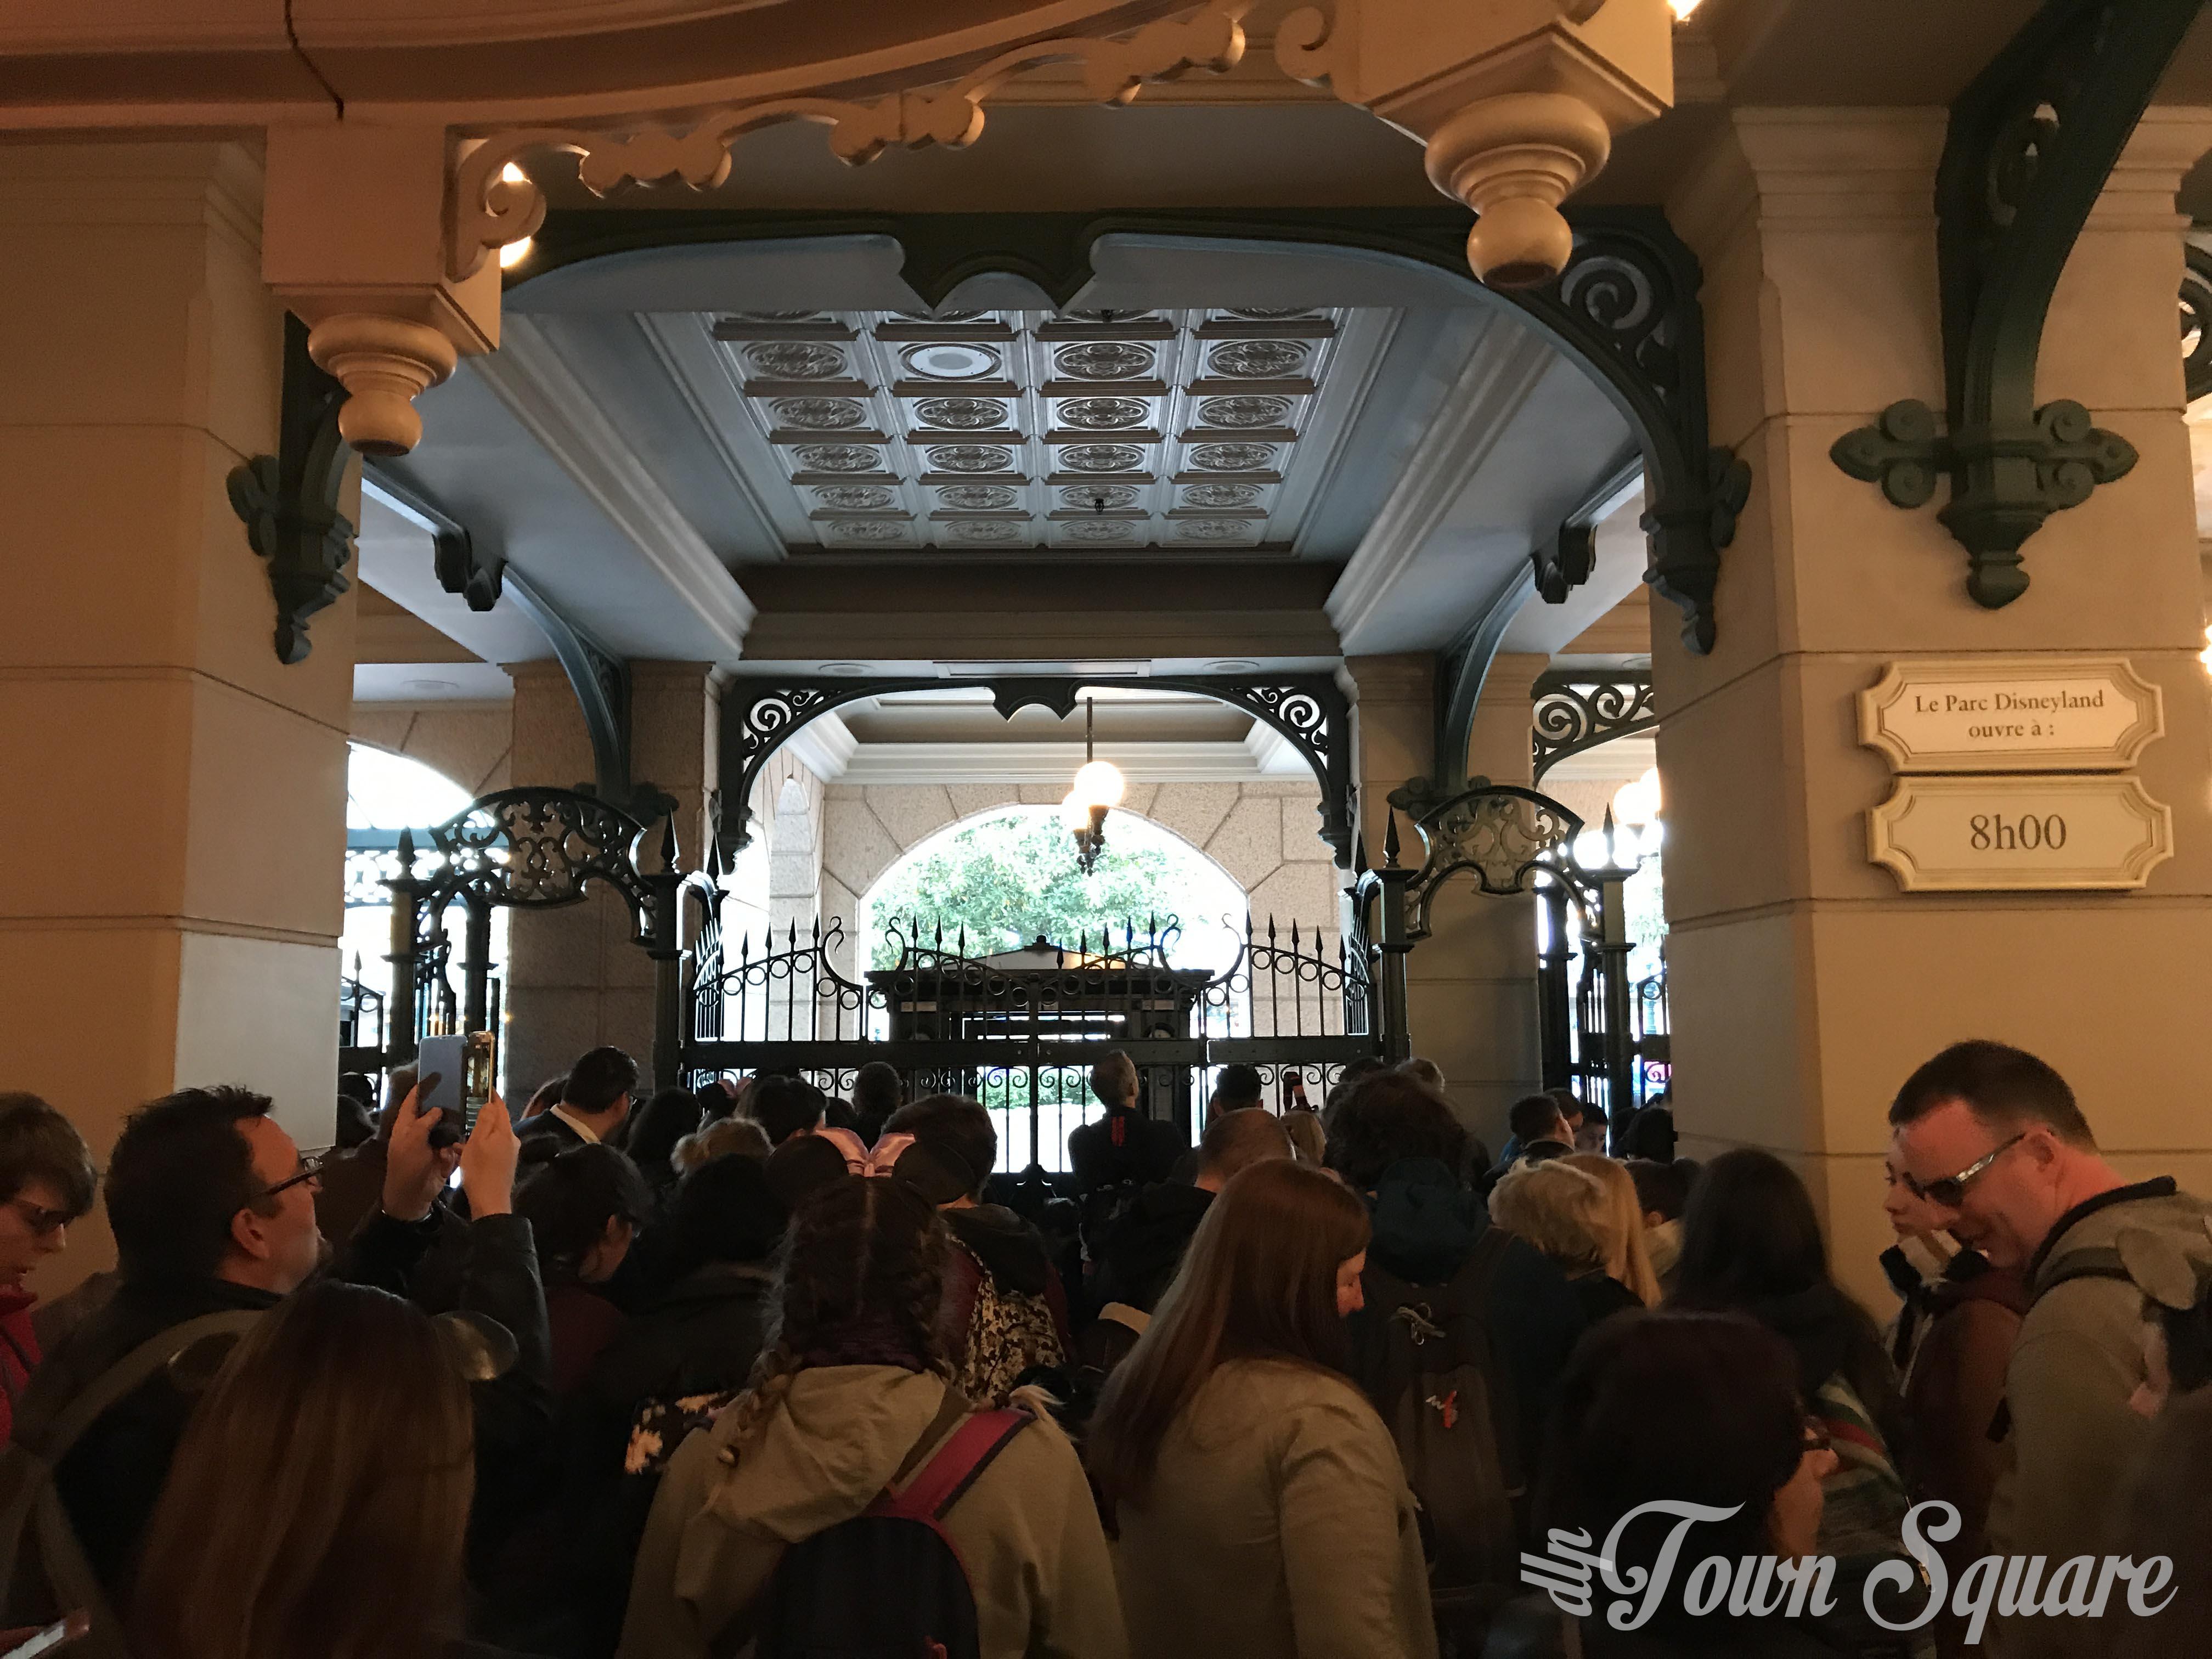 12th April 2017 Grand Celebration turnstile queue